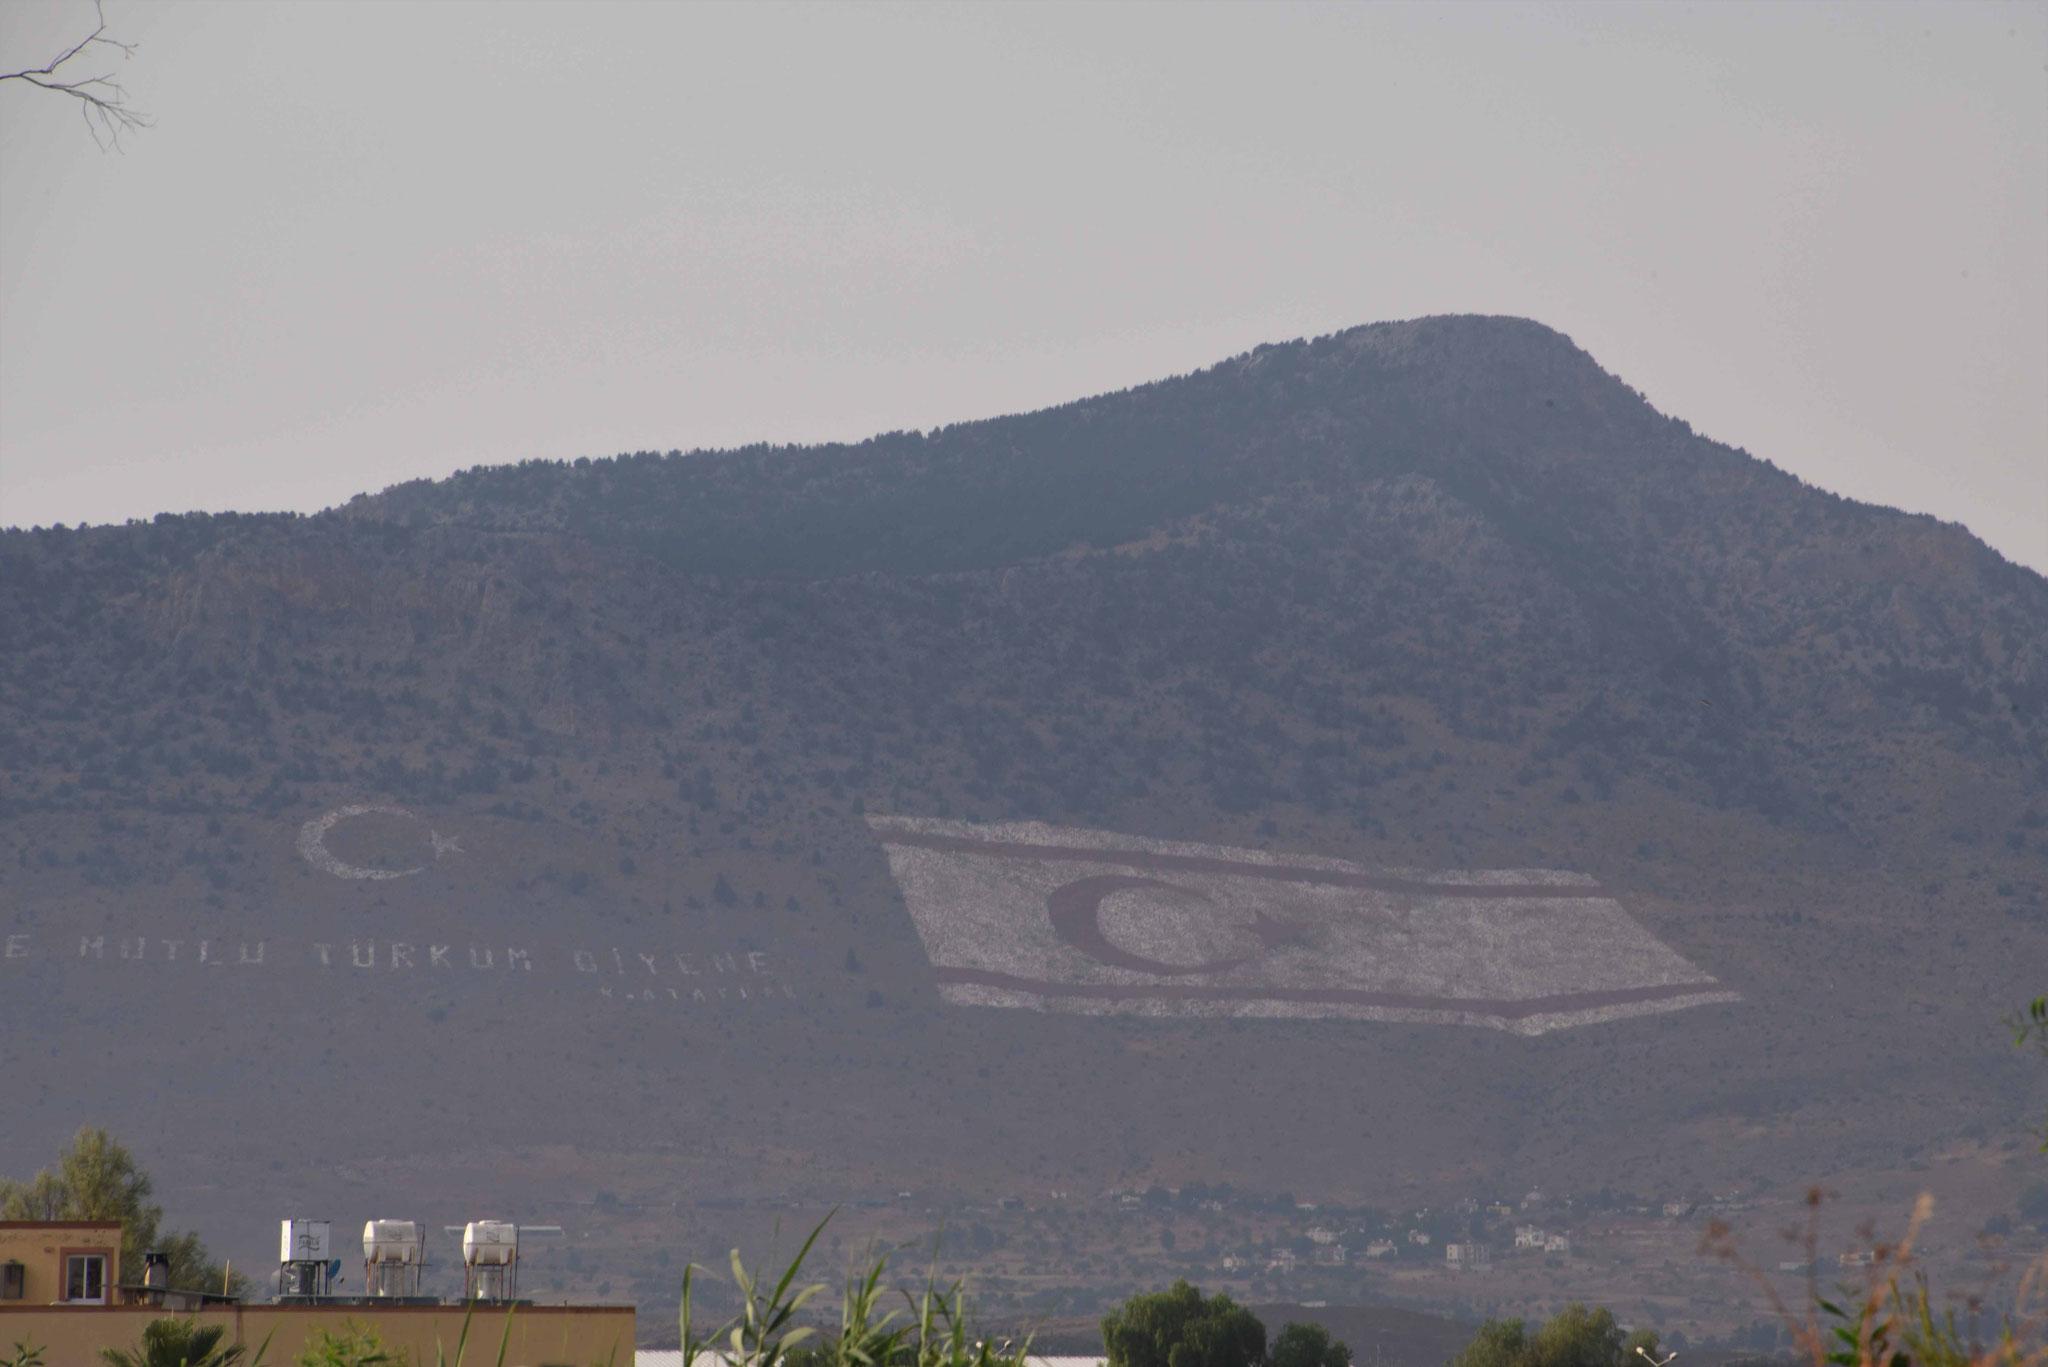 Am Berg eingebrachte Flaggen - ohne Worte